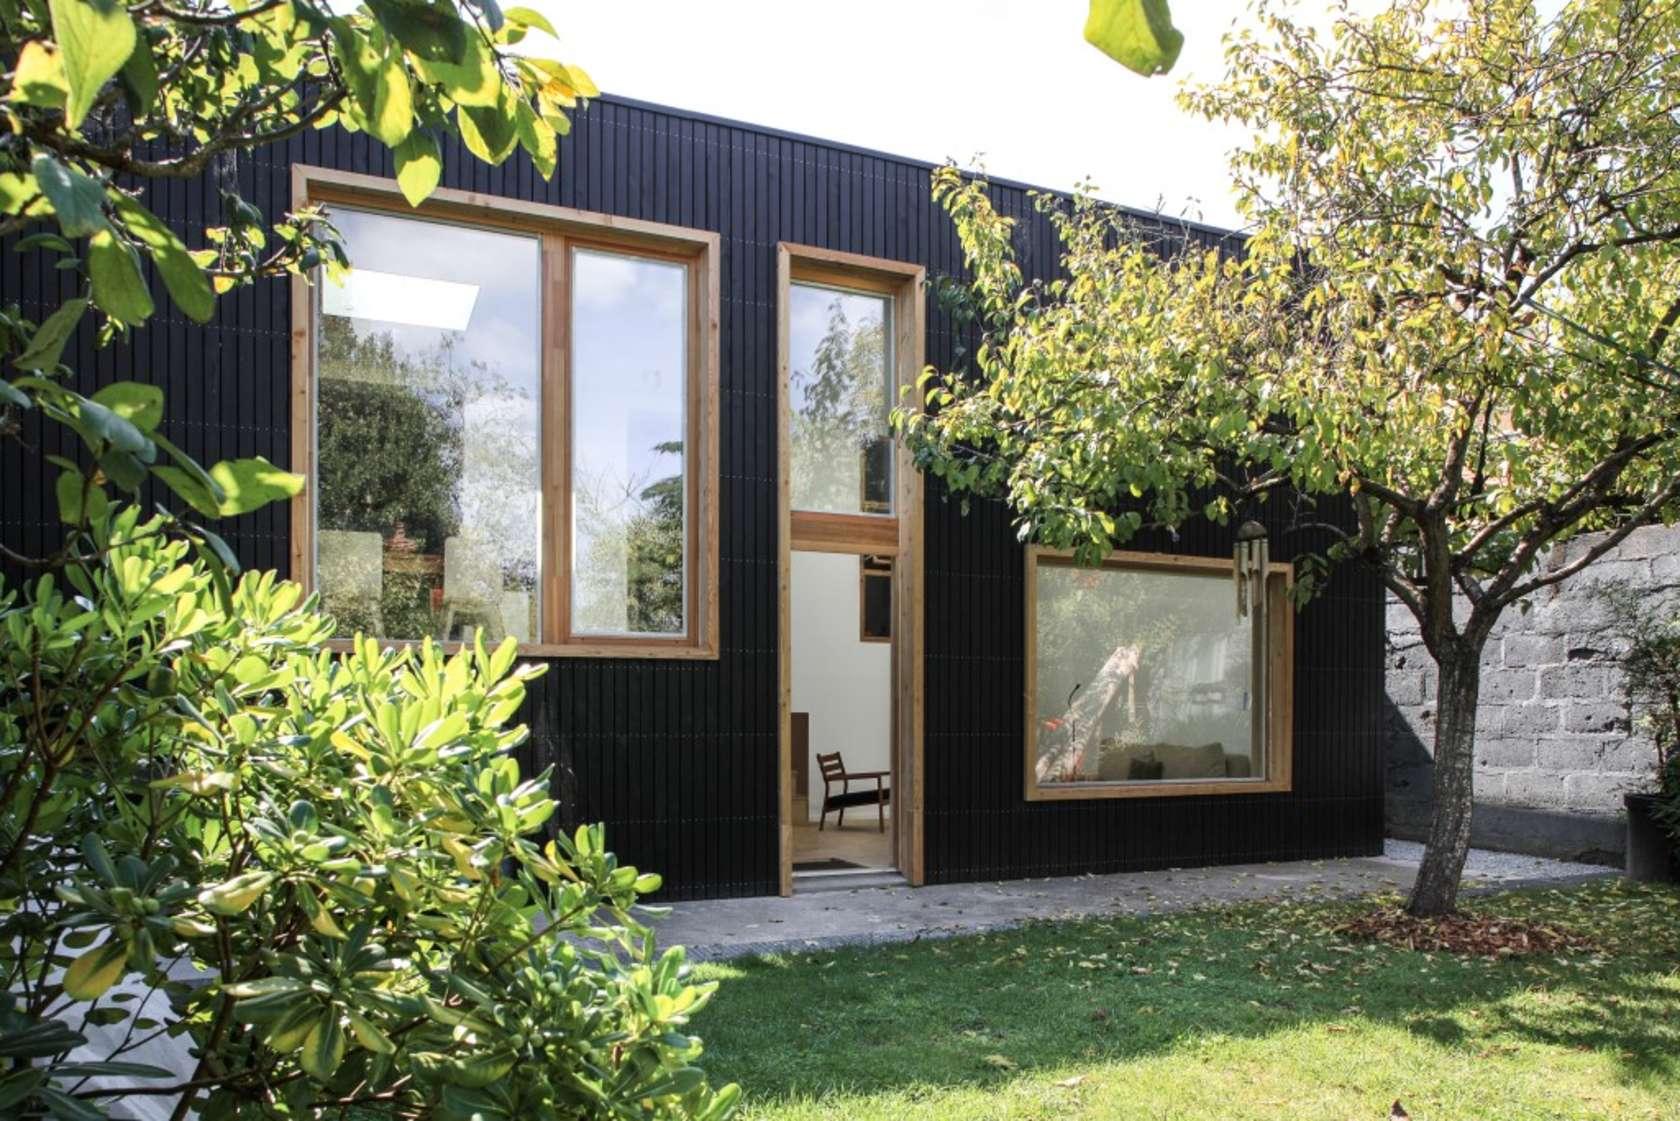 Les 10 plus belles maisons d architectes de l ann e 2014 en france architectes paris - Best architectes ...